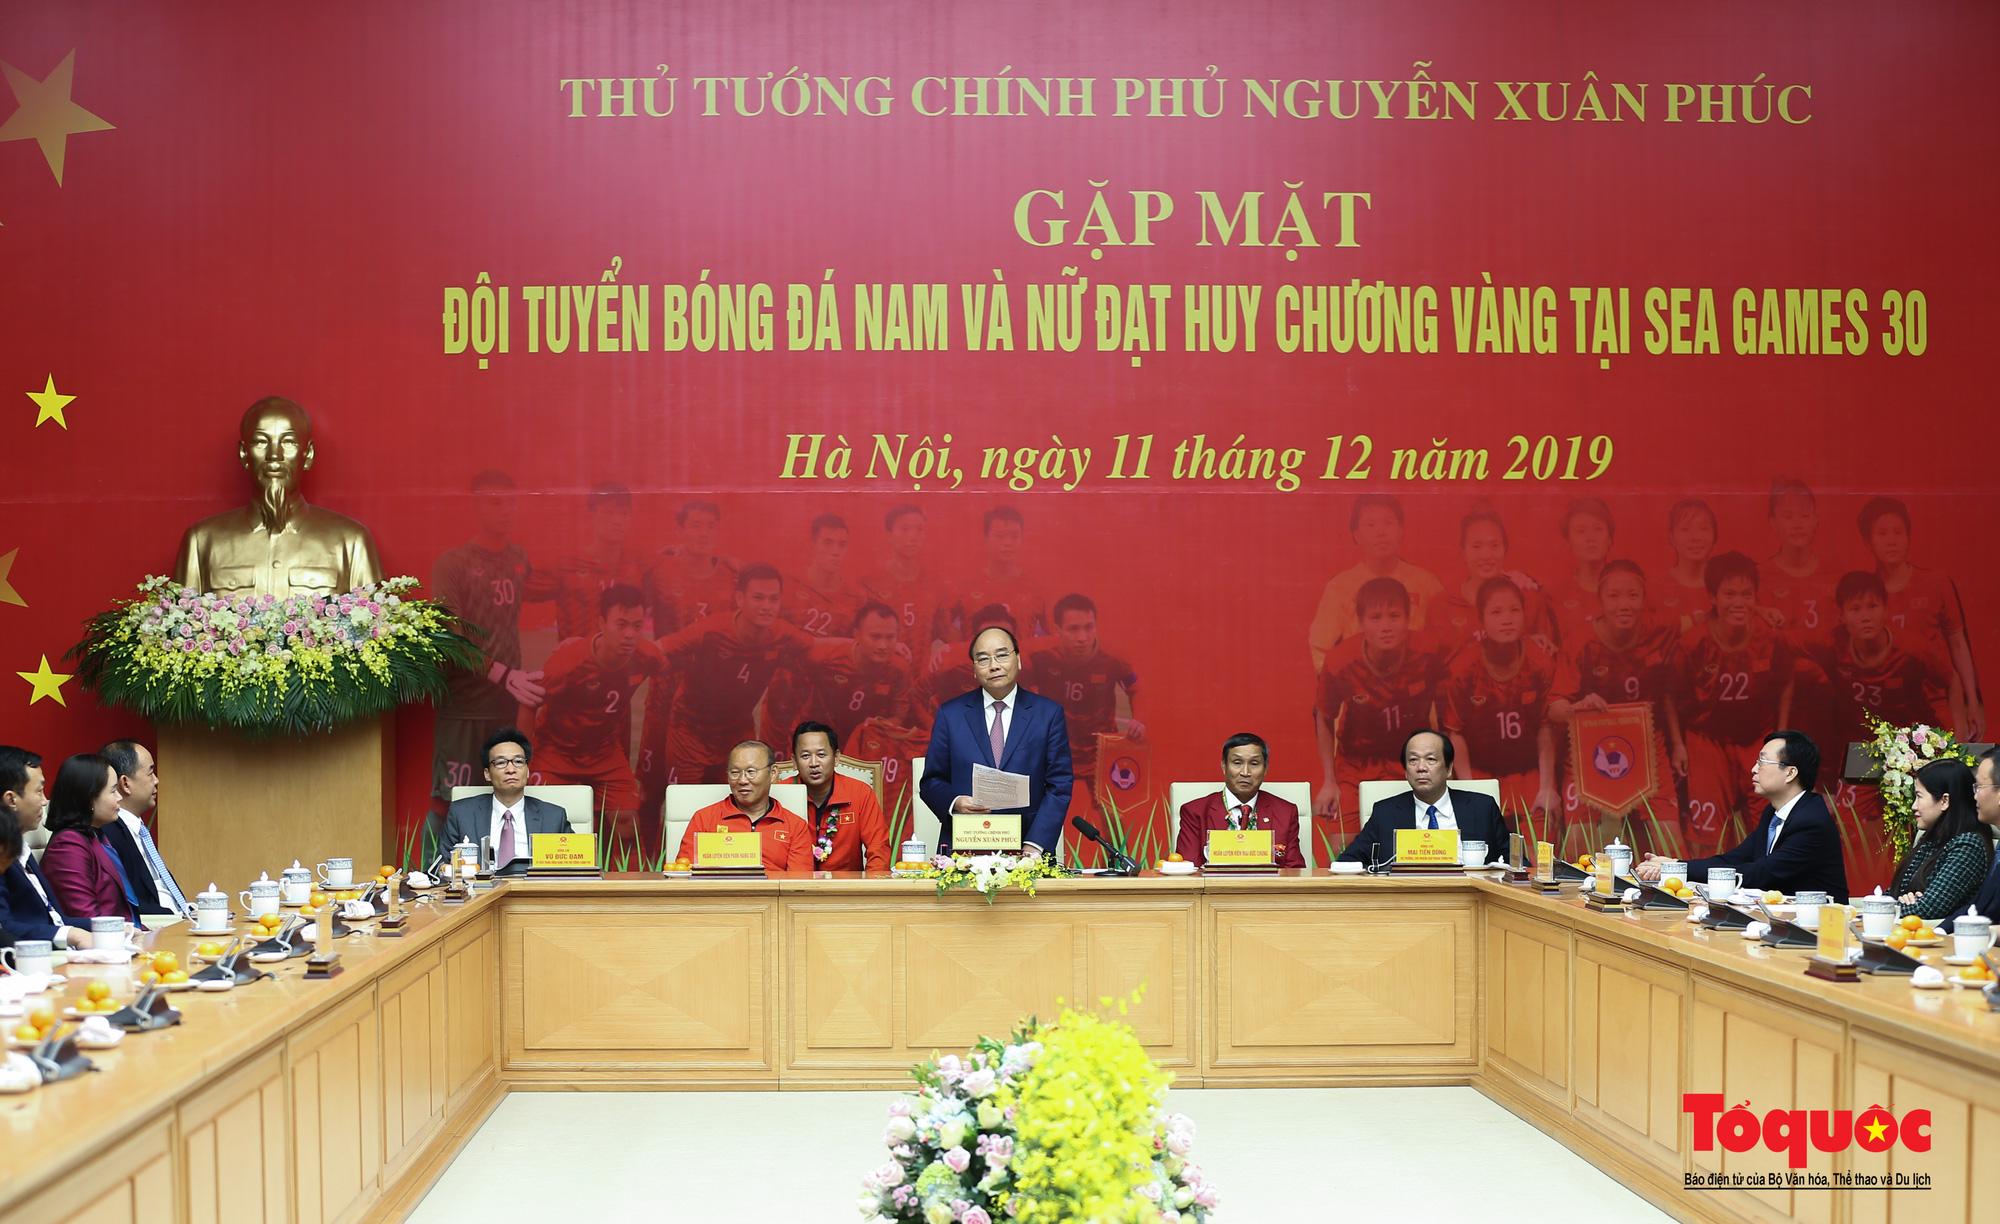 Thủ tướng Nguyễn Xuân Phúc gặp mặt thân mật các cầu thủ đội tuyển U22 Việt Nam và ĐT nữ Việt Nam - Ảnh 9.